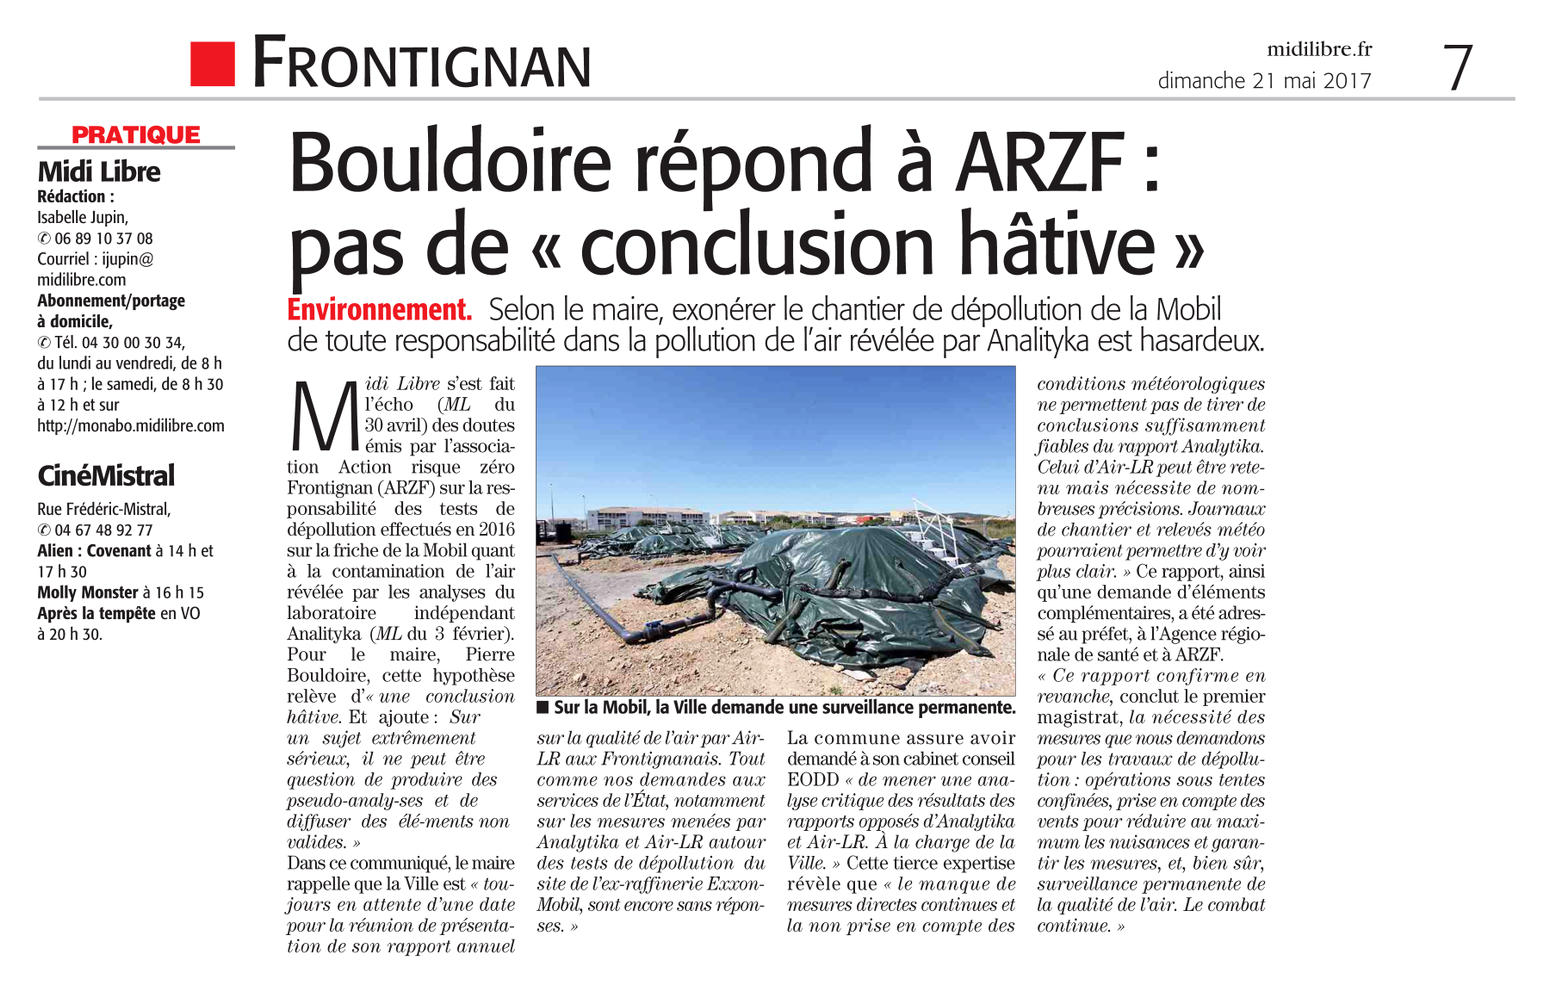 """21 MAI 2017 > MIDI-LIBRE : """"Frontignan : Pollution de l'air : Bouldoire répond à ARZF : « Pas de conclusion hâtive »"""""""